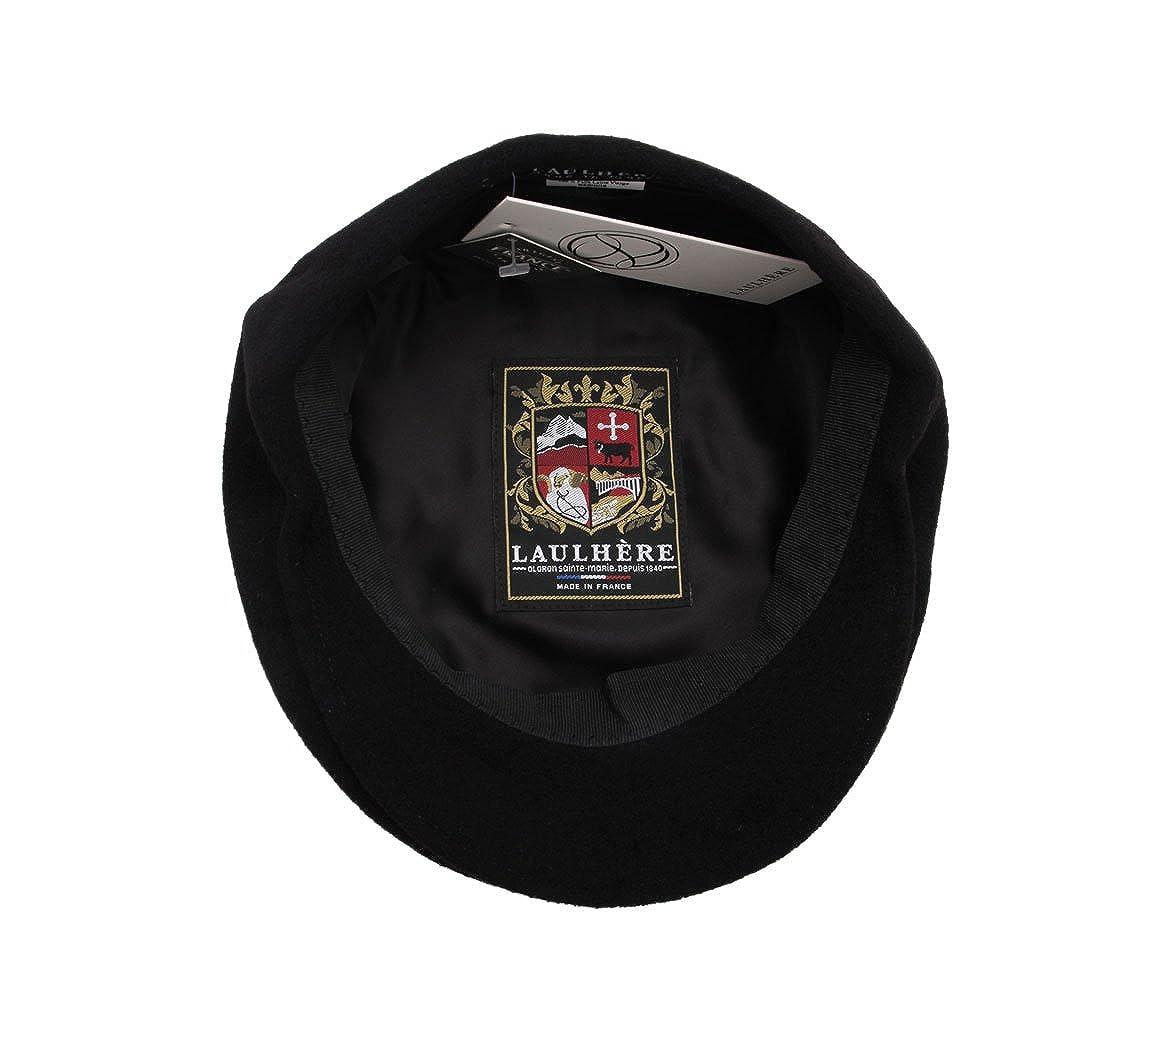 9eff1c9cb499af Laulhère - Flat Cap men Beret Casquette: Amazon.co.uk: Clothing